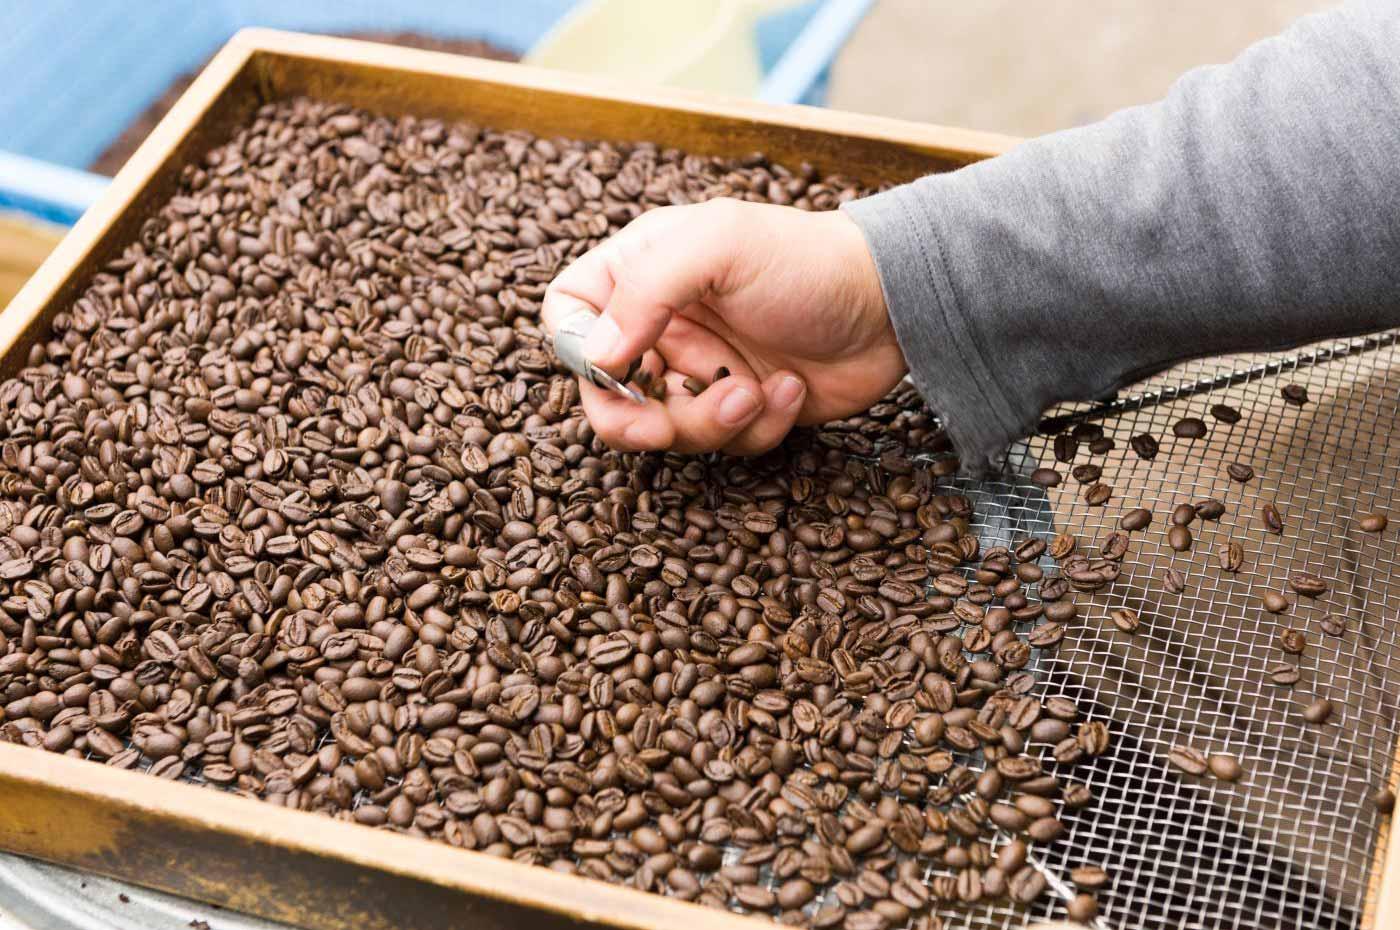 房総館山・老舗コーヒーショップ・サルビア・コーヒー豆の餞別1